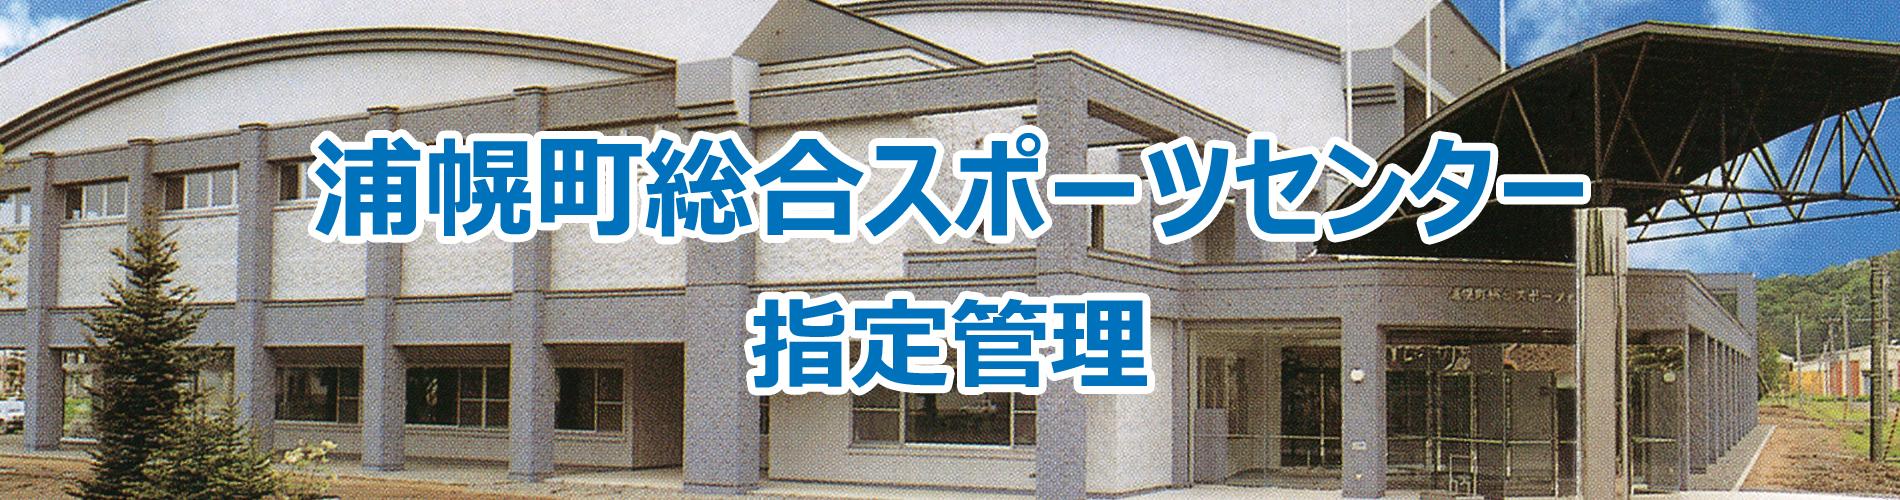 浦幌町総合スポーツセンター指定管理